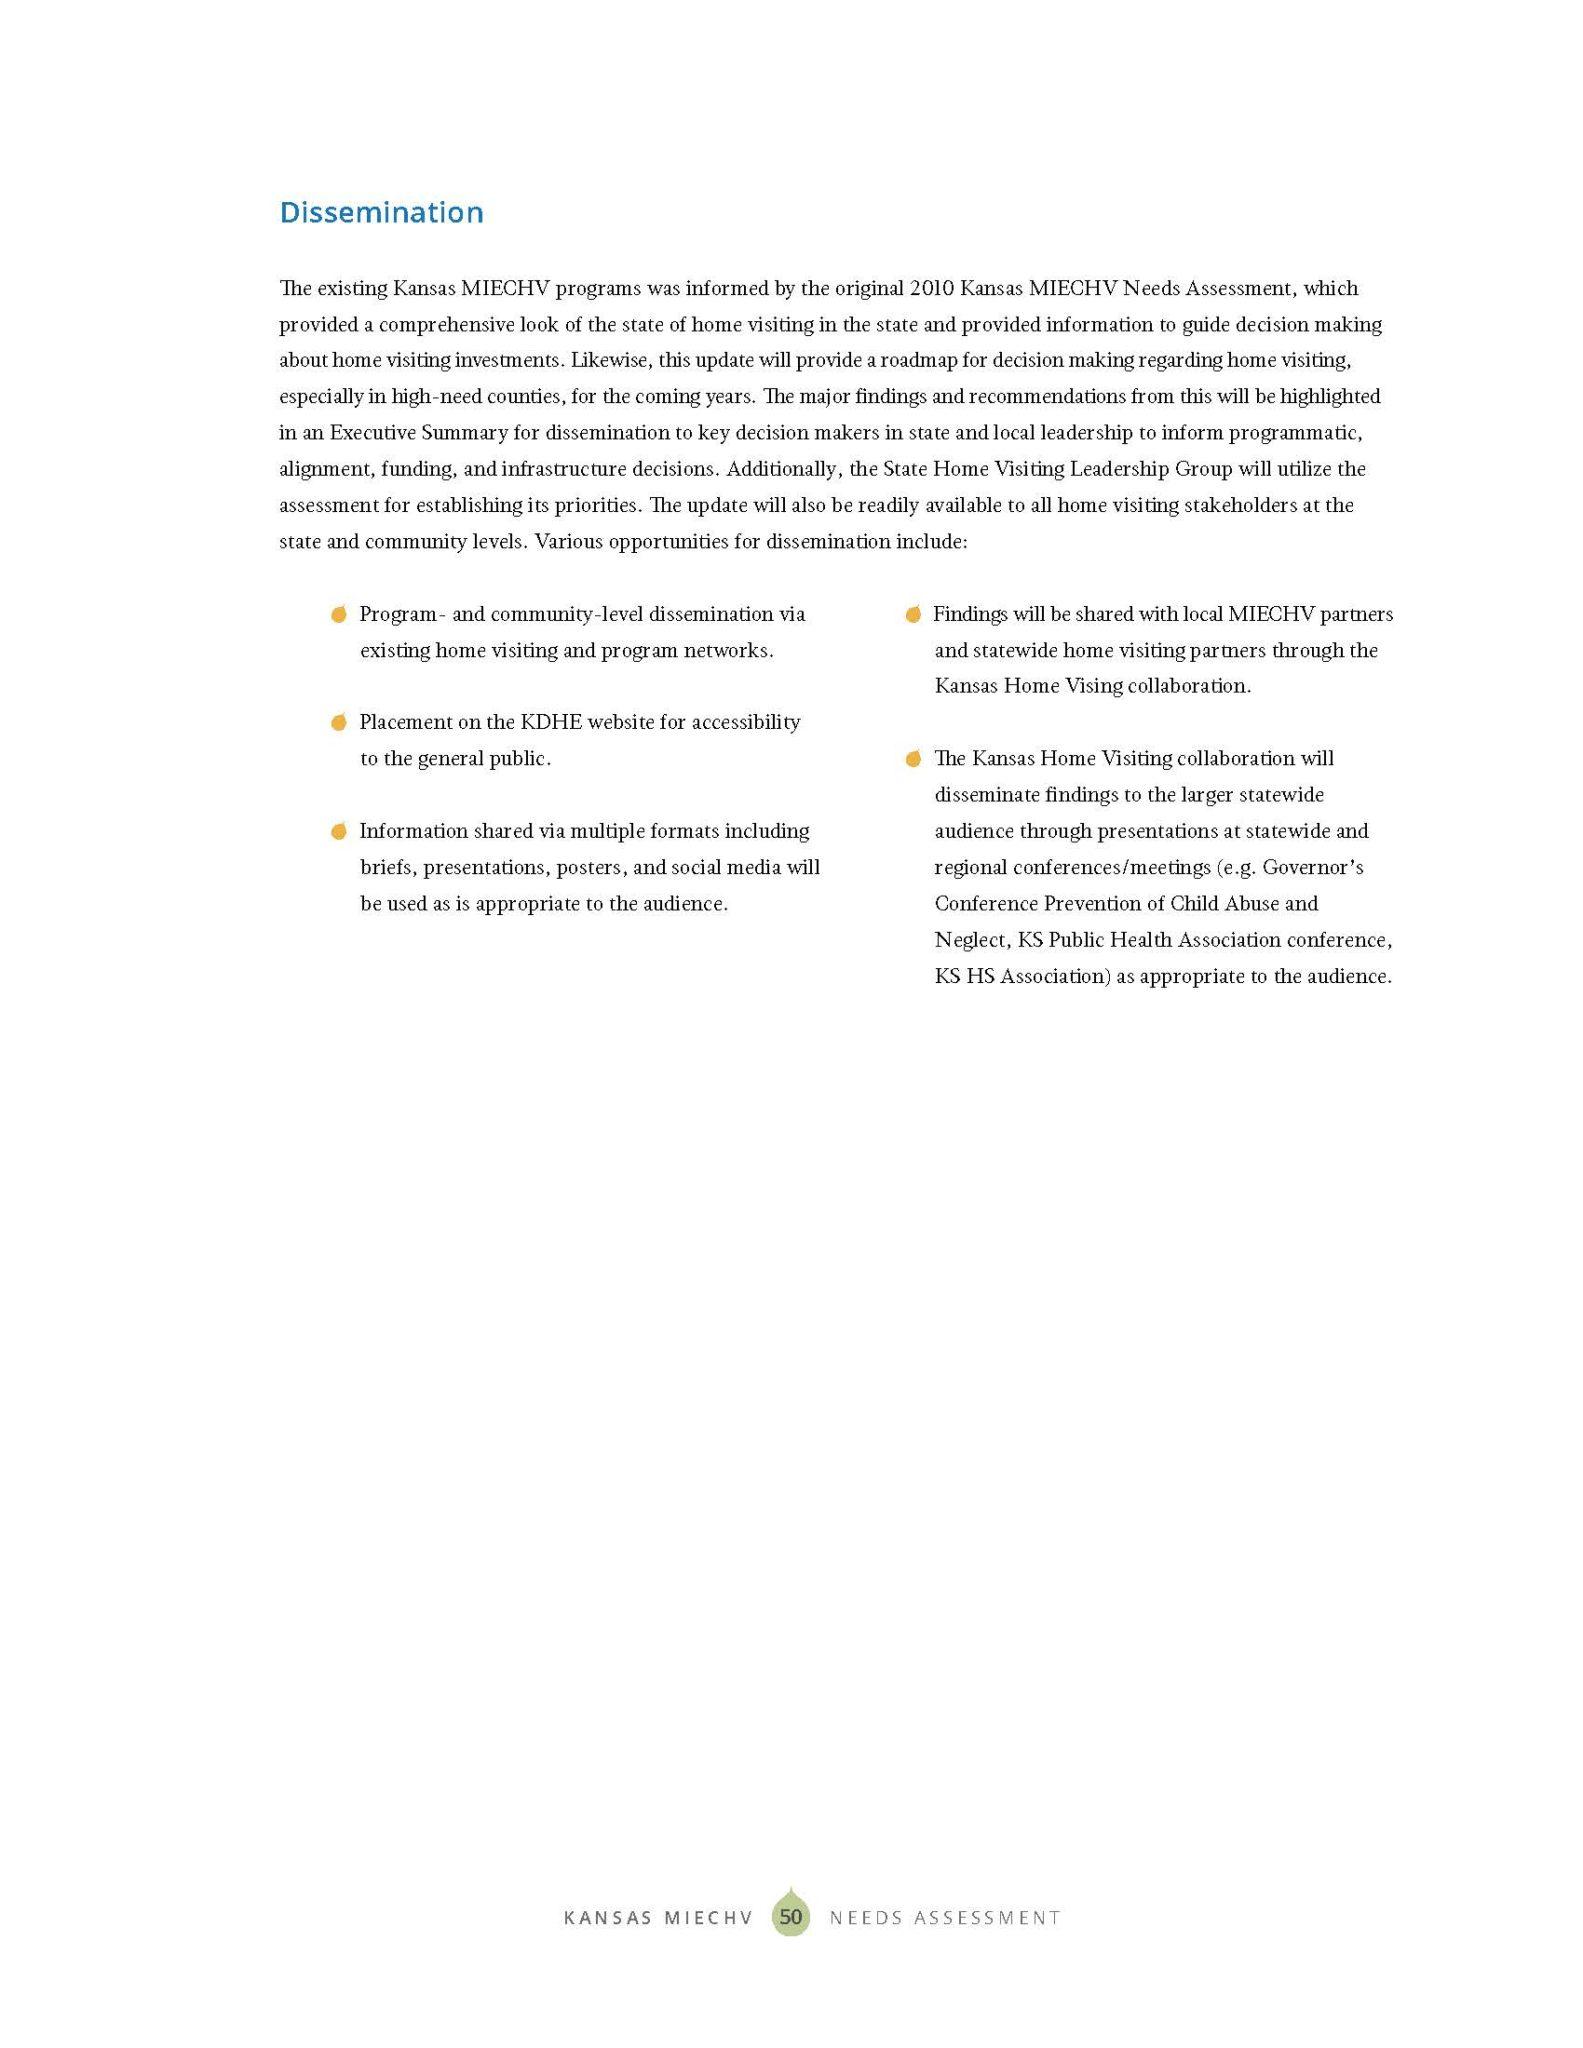 KS MIECHV 2020 Needs Assessment_DIGITAL_Page_058